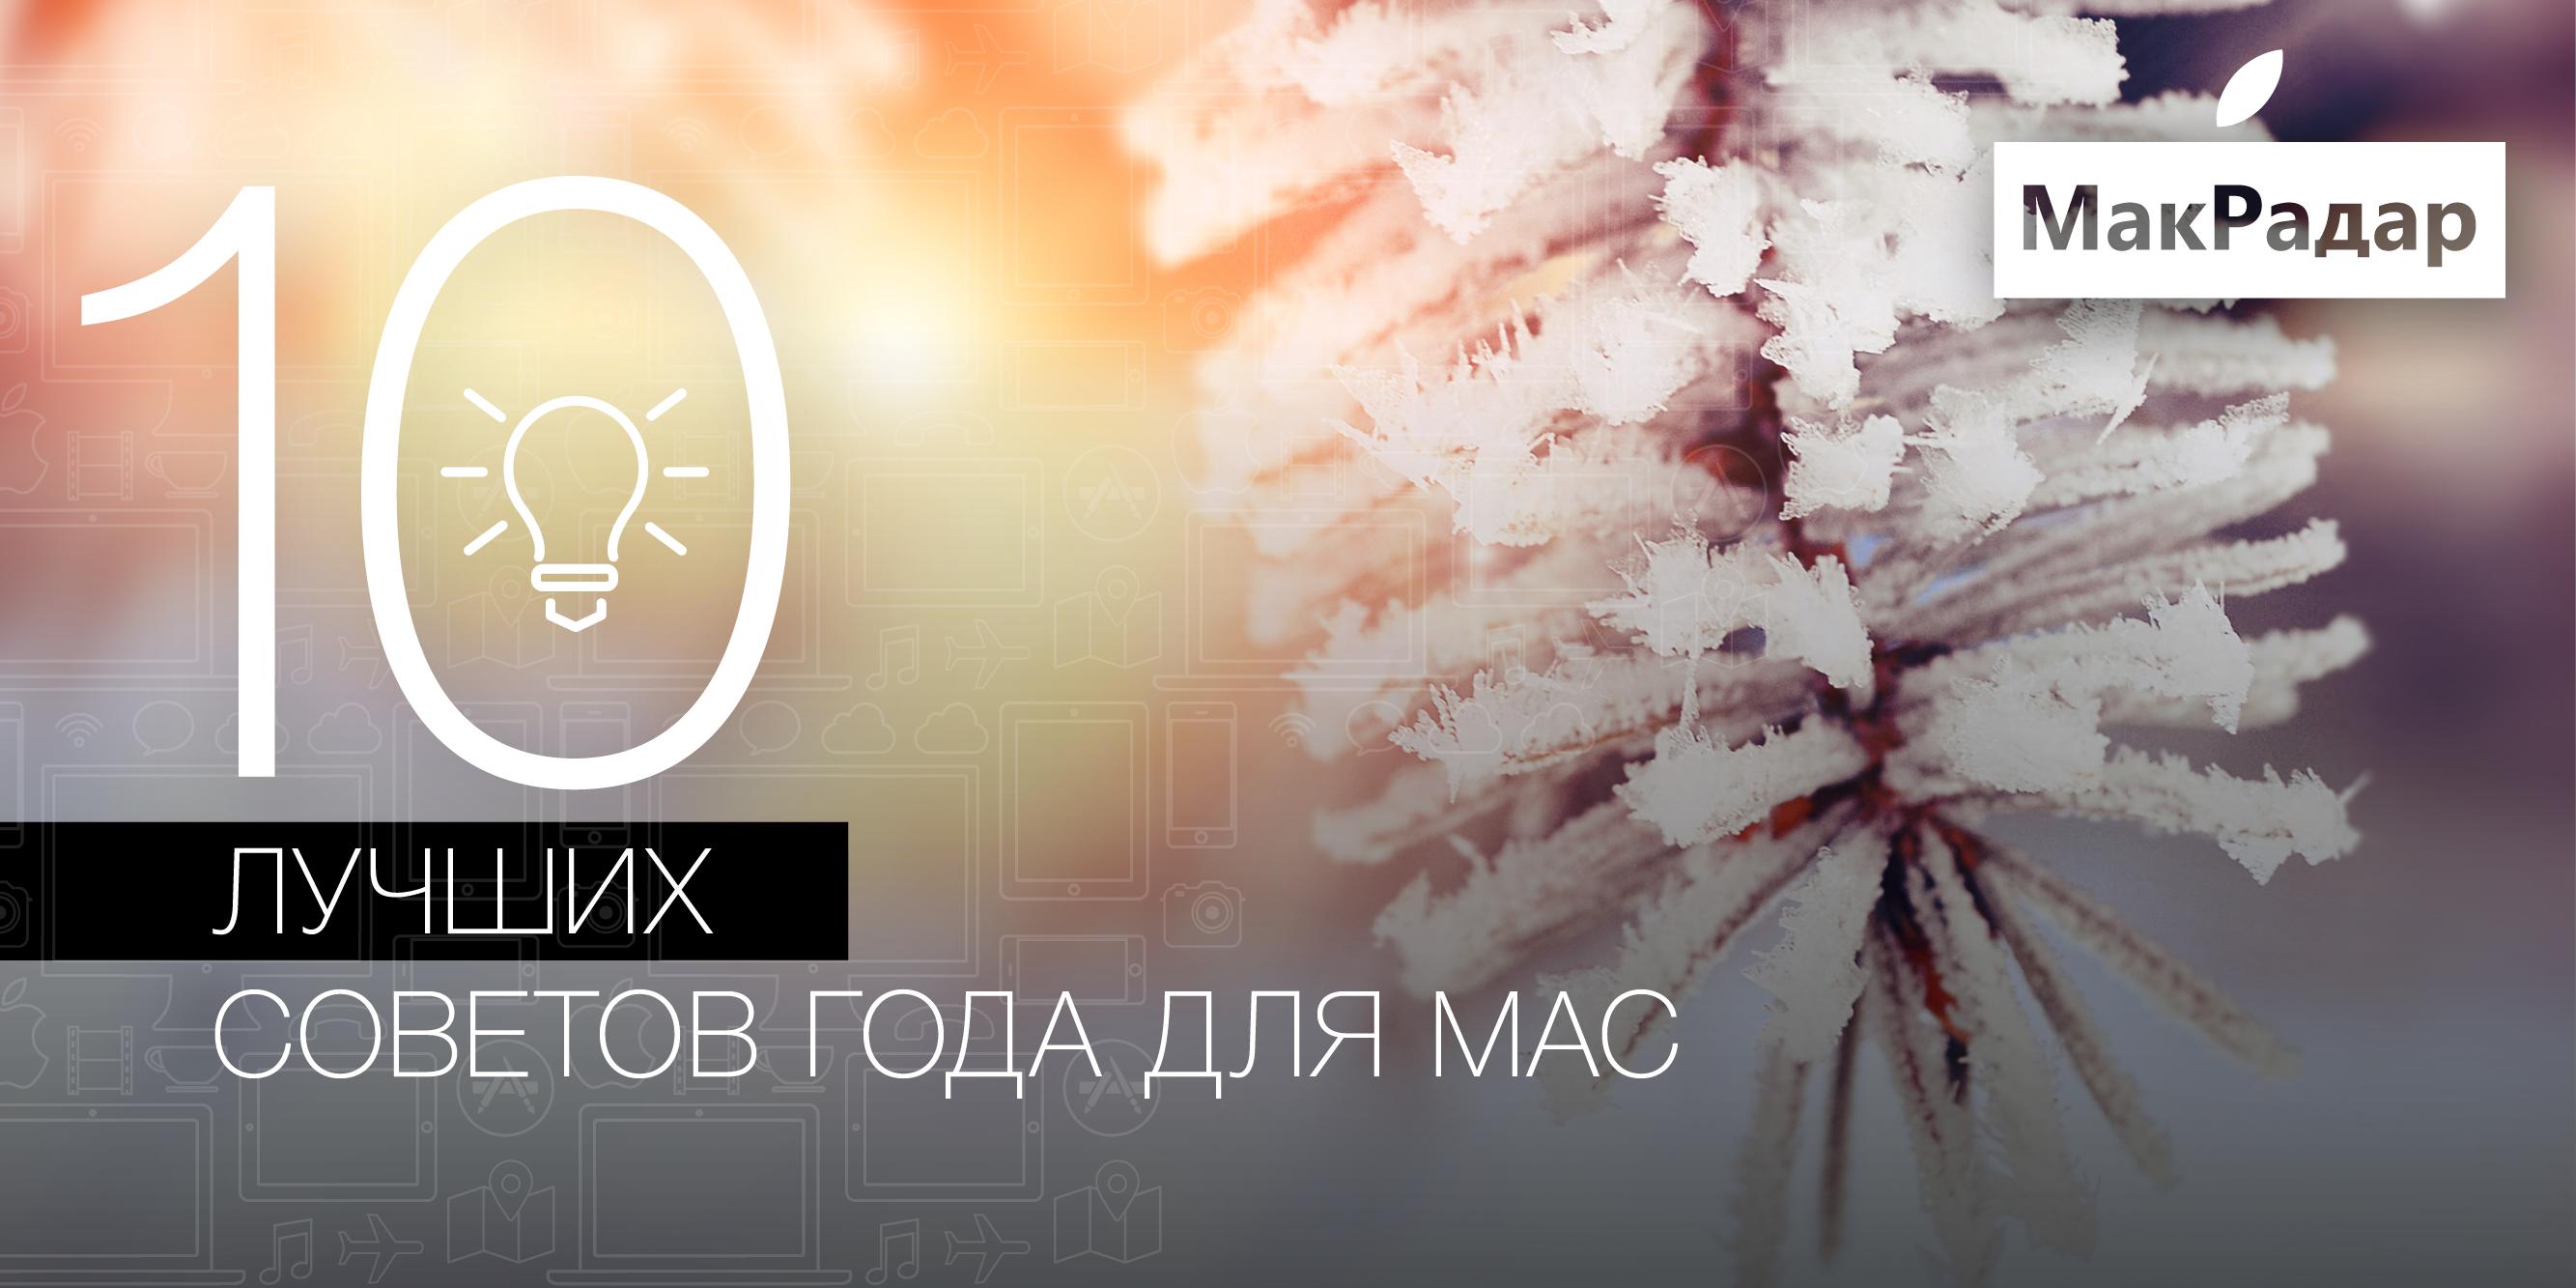 10 лучших советов 2014 года для Mac